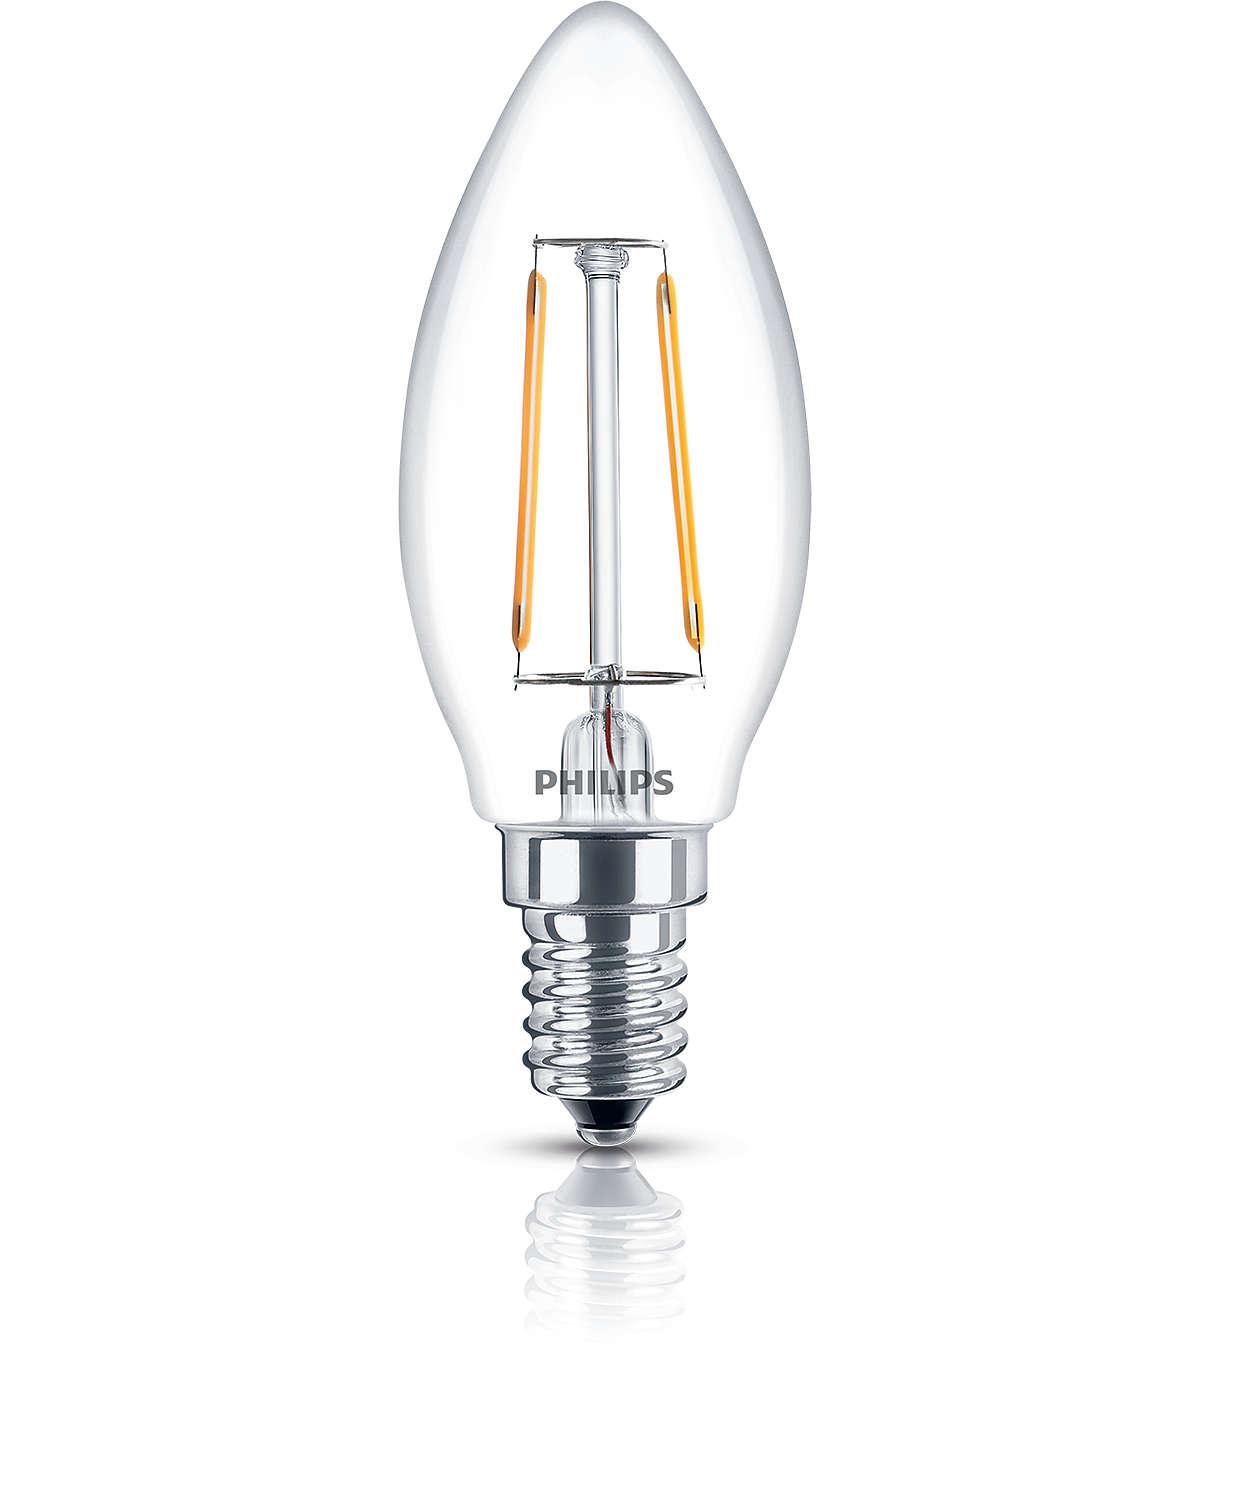 หลอดไฟประดับตกแต่ง LED